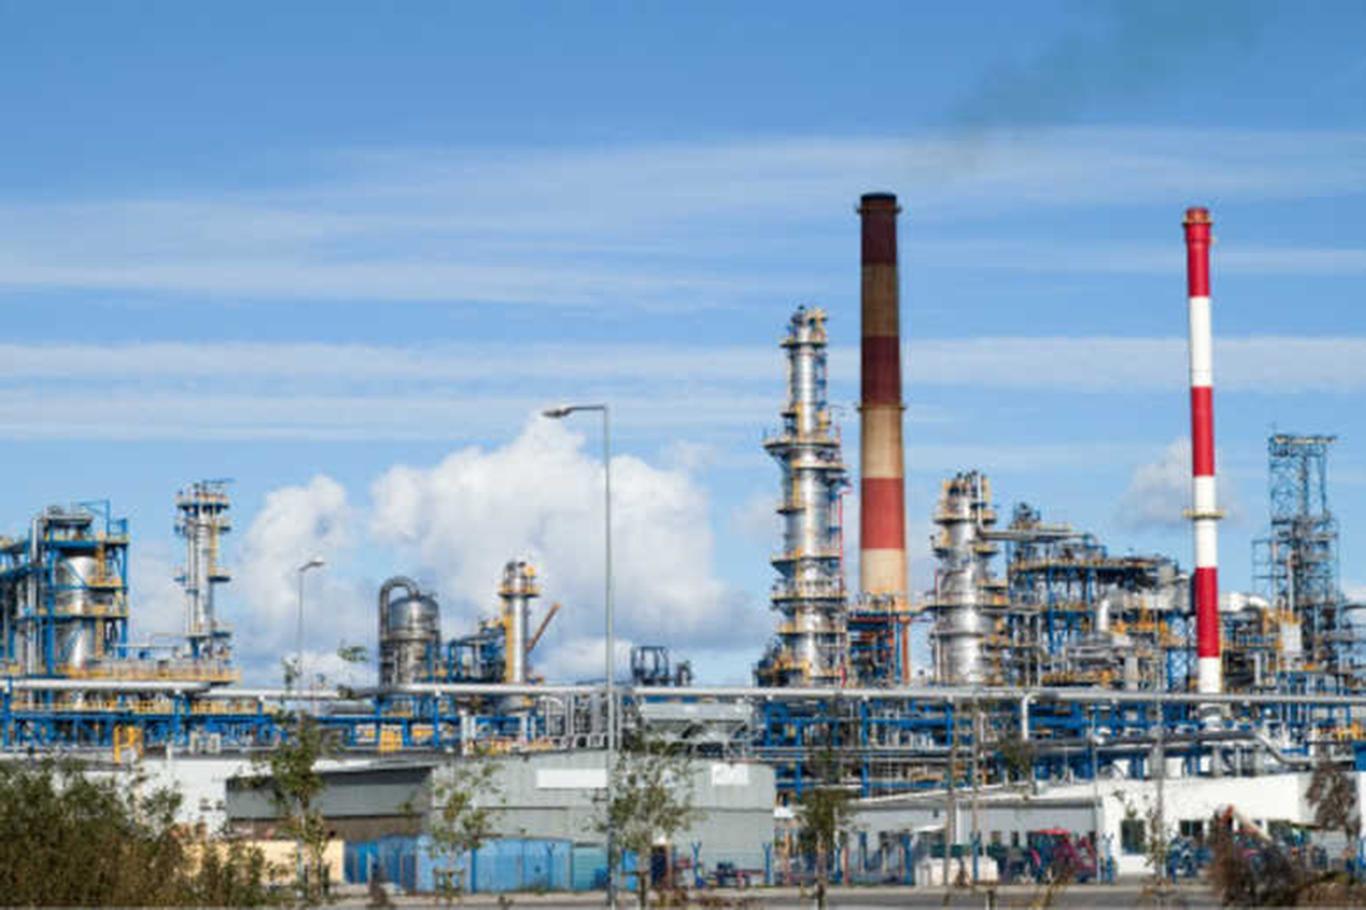 Ceyhana rafineri ve petrokimya tesisi kurulacak.